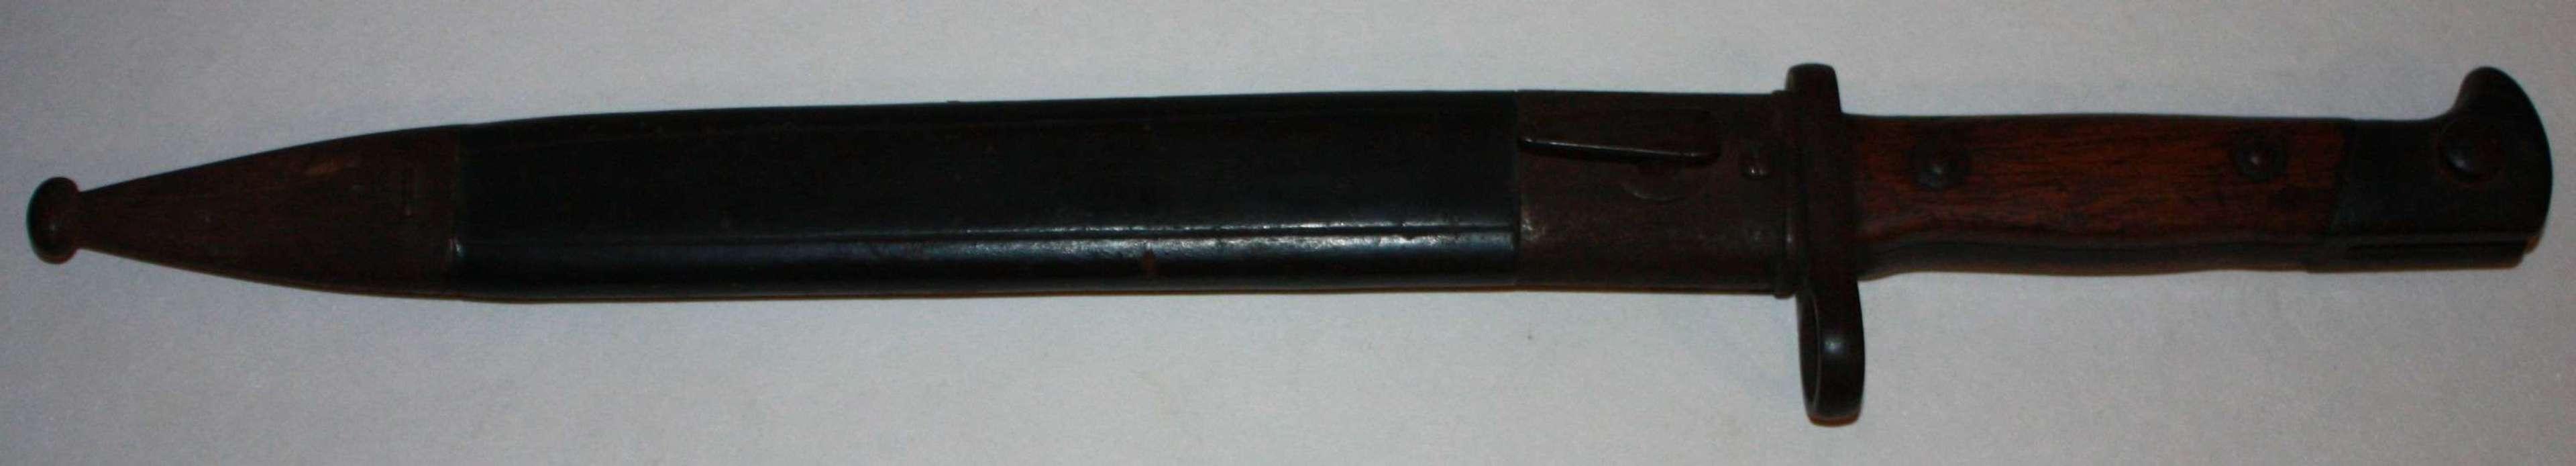 A GERMAN  M 1884 BAYONET MADE BY WEYERSBERG KIRSCHBAUM SOLINGEN